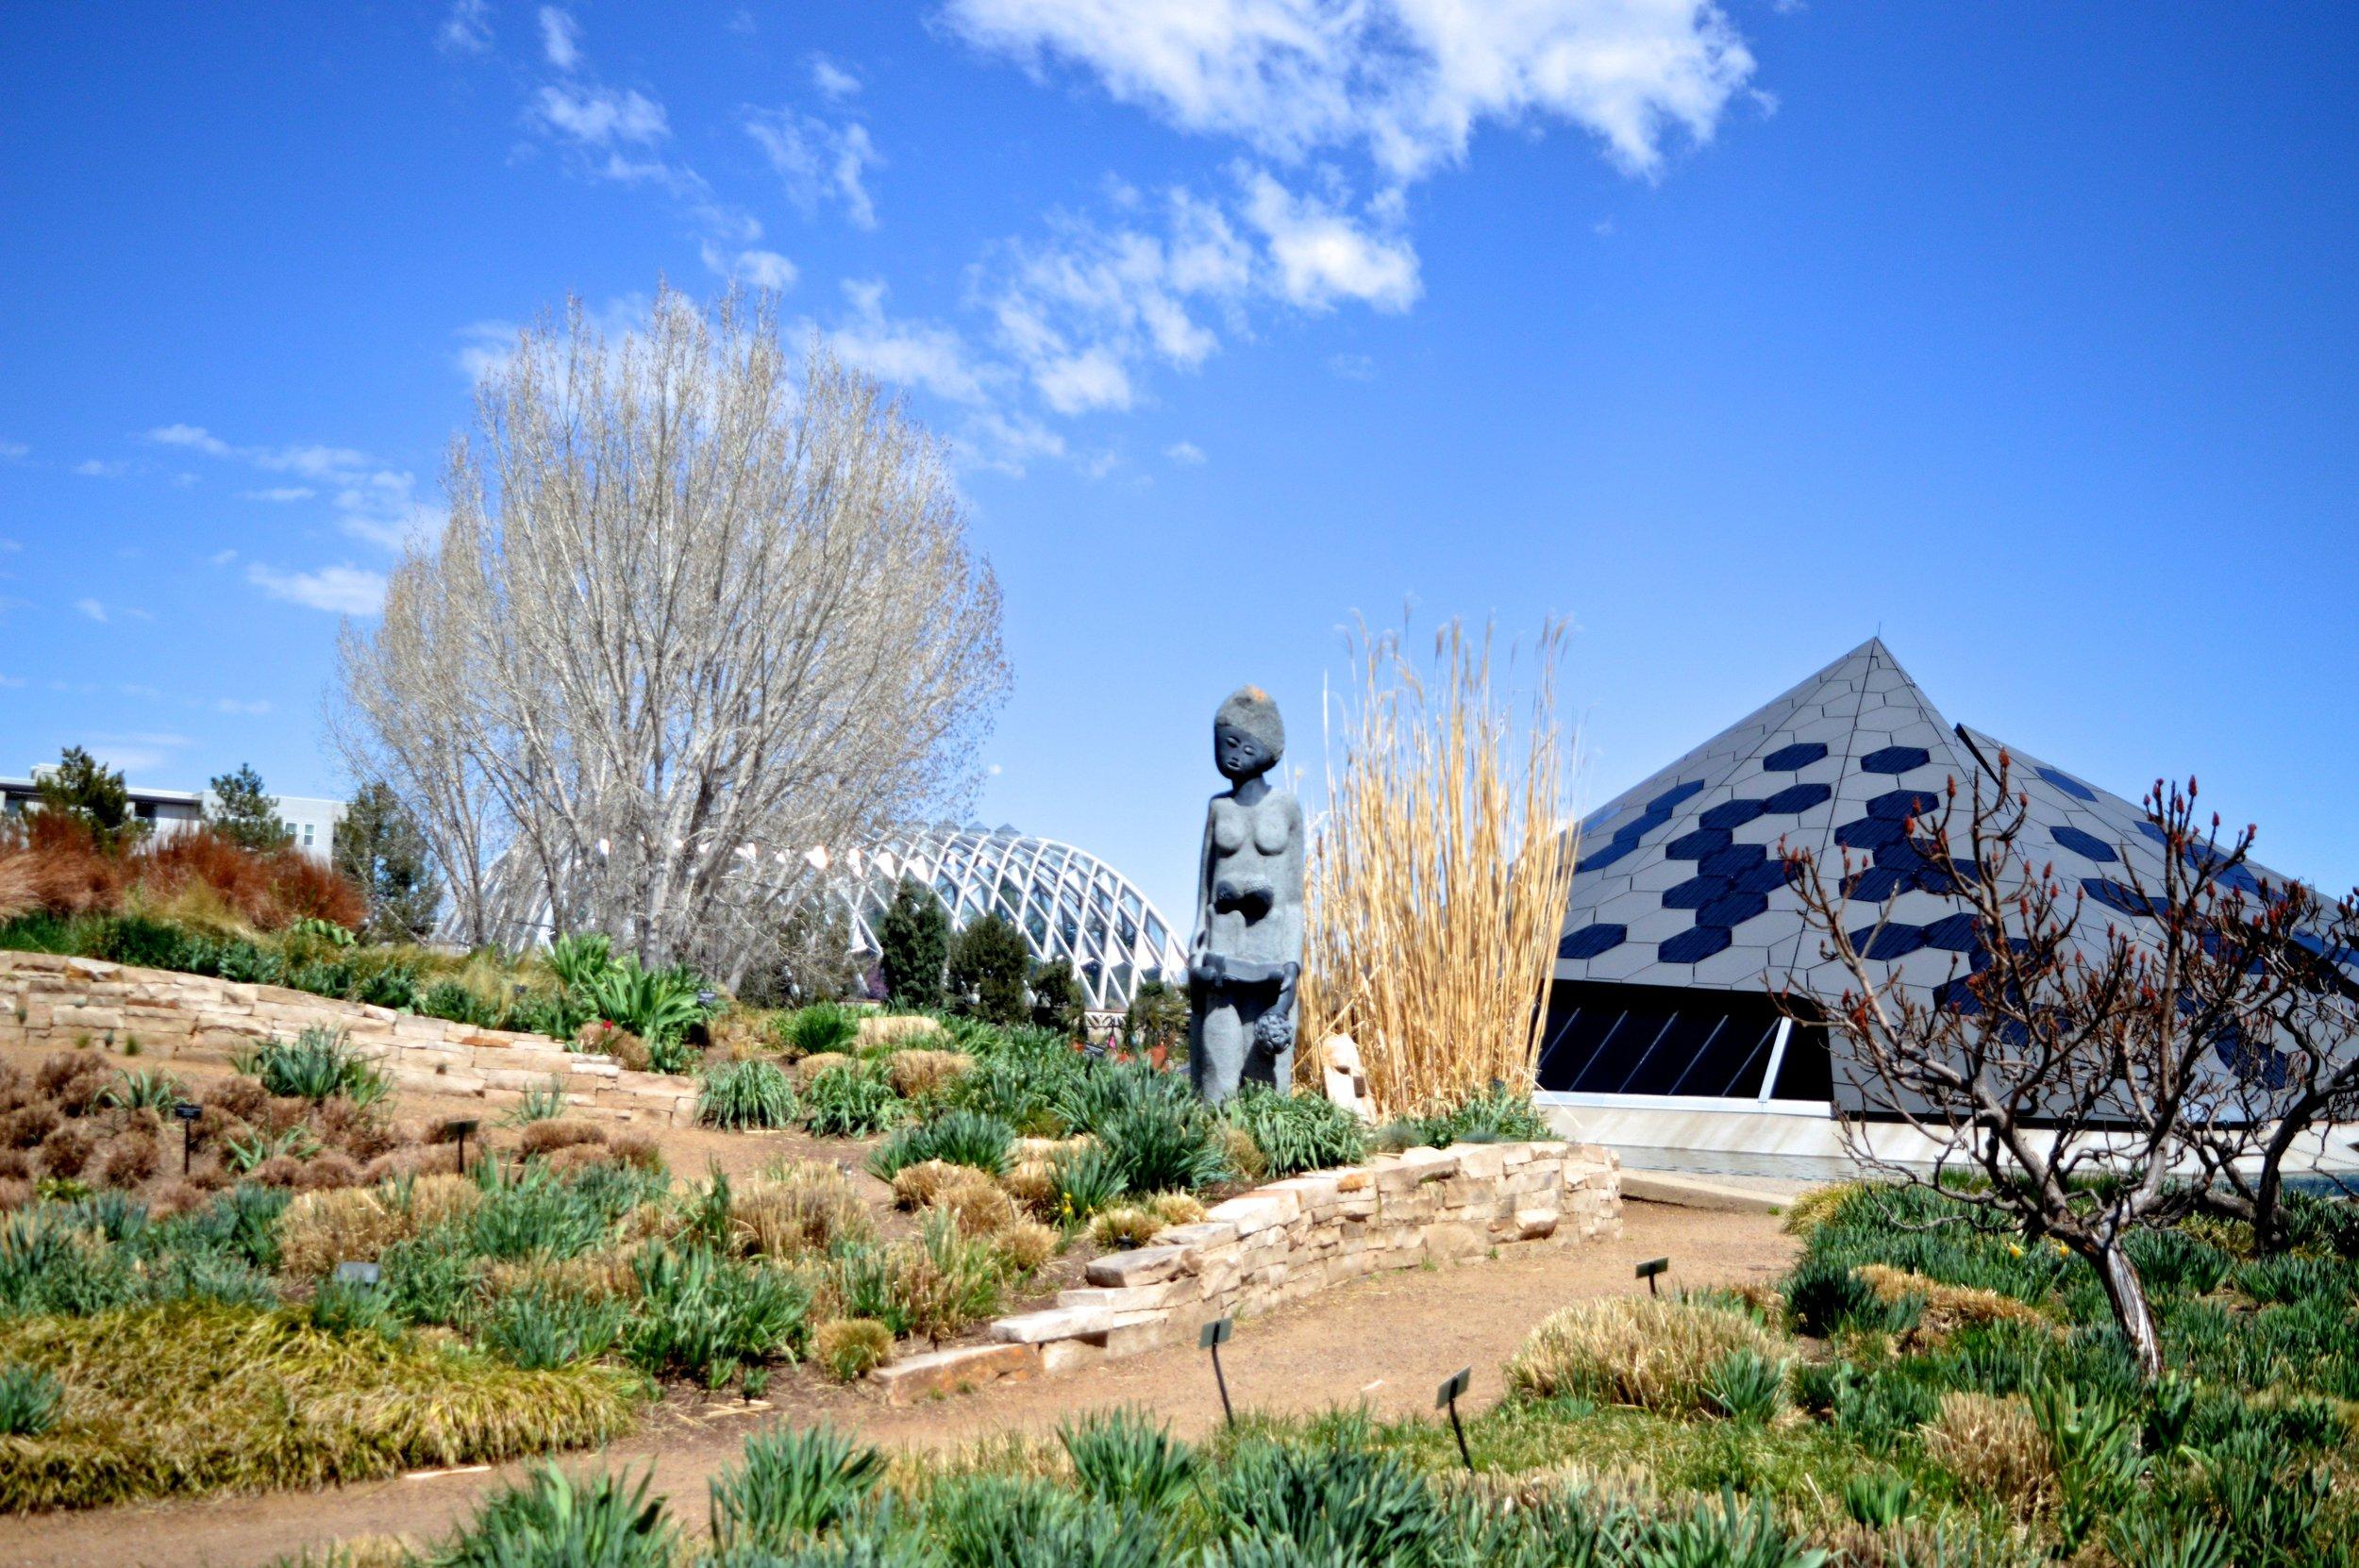 denver-botanic-gardens-April-13-23.jpg